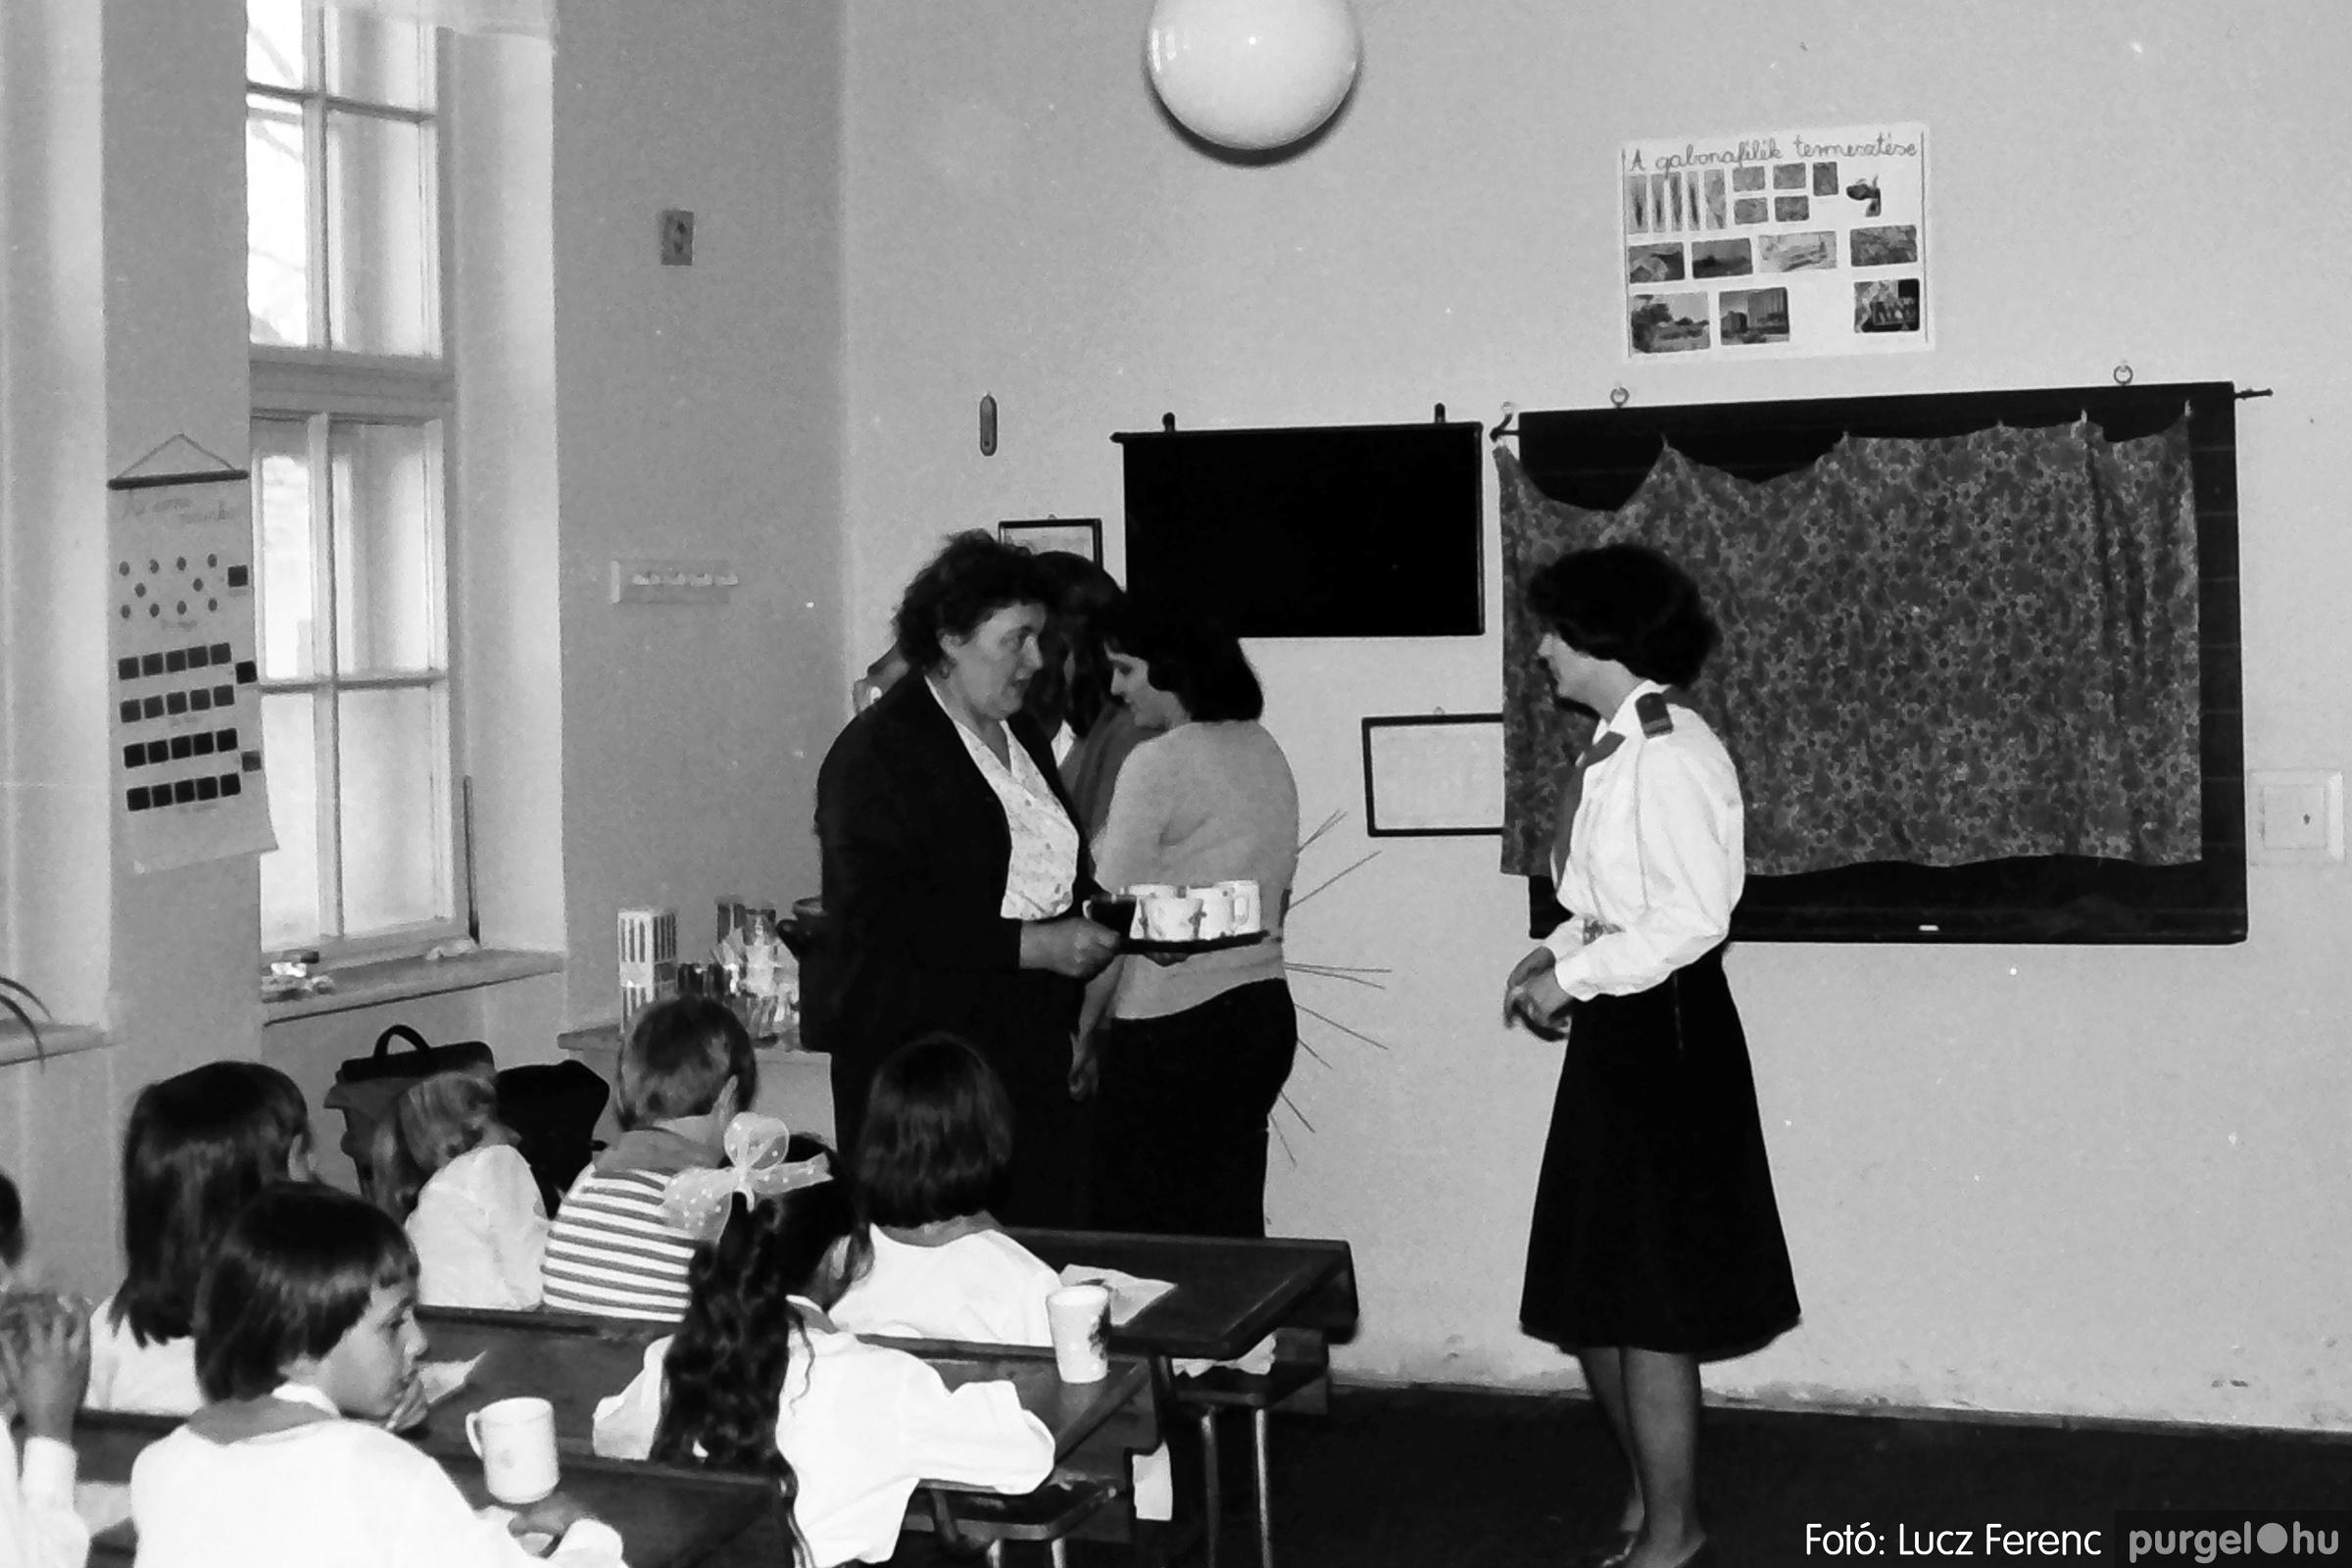 042-043. 1976. Program az újfalusi iskolában 005. - Fotó: Lucz Ferenc - IMG00242q.jpg